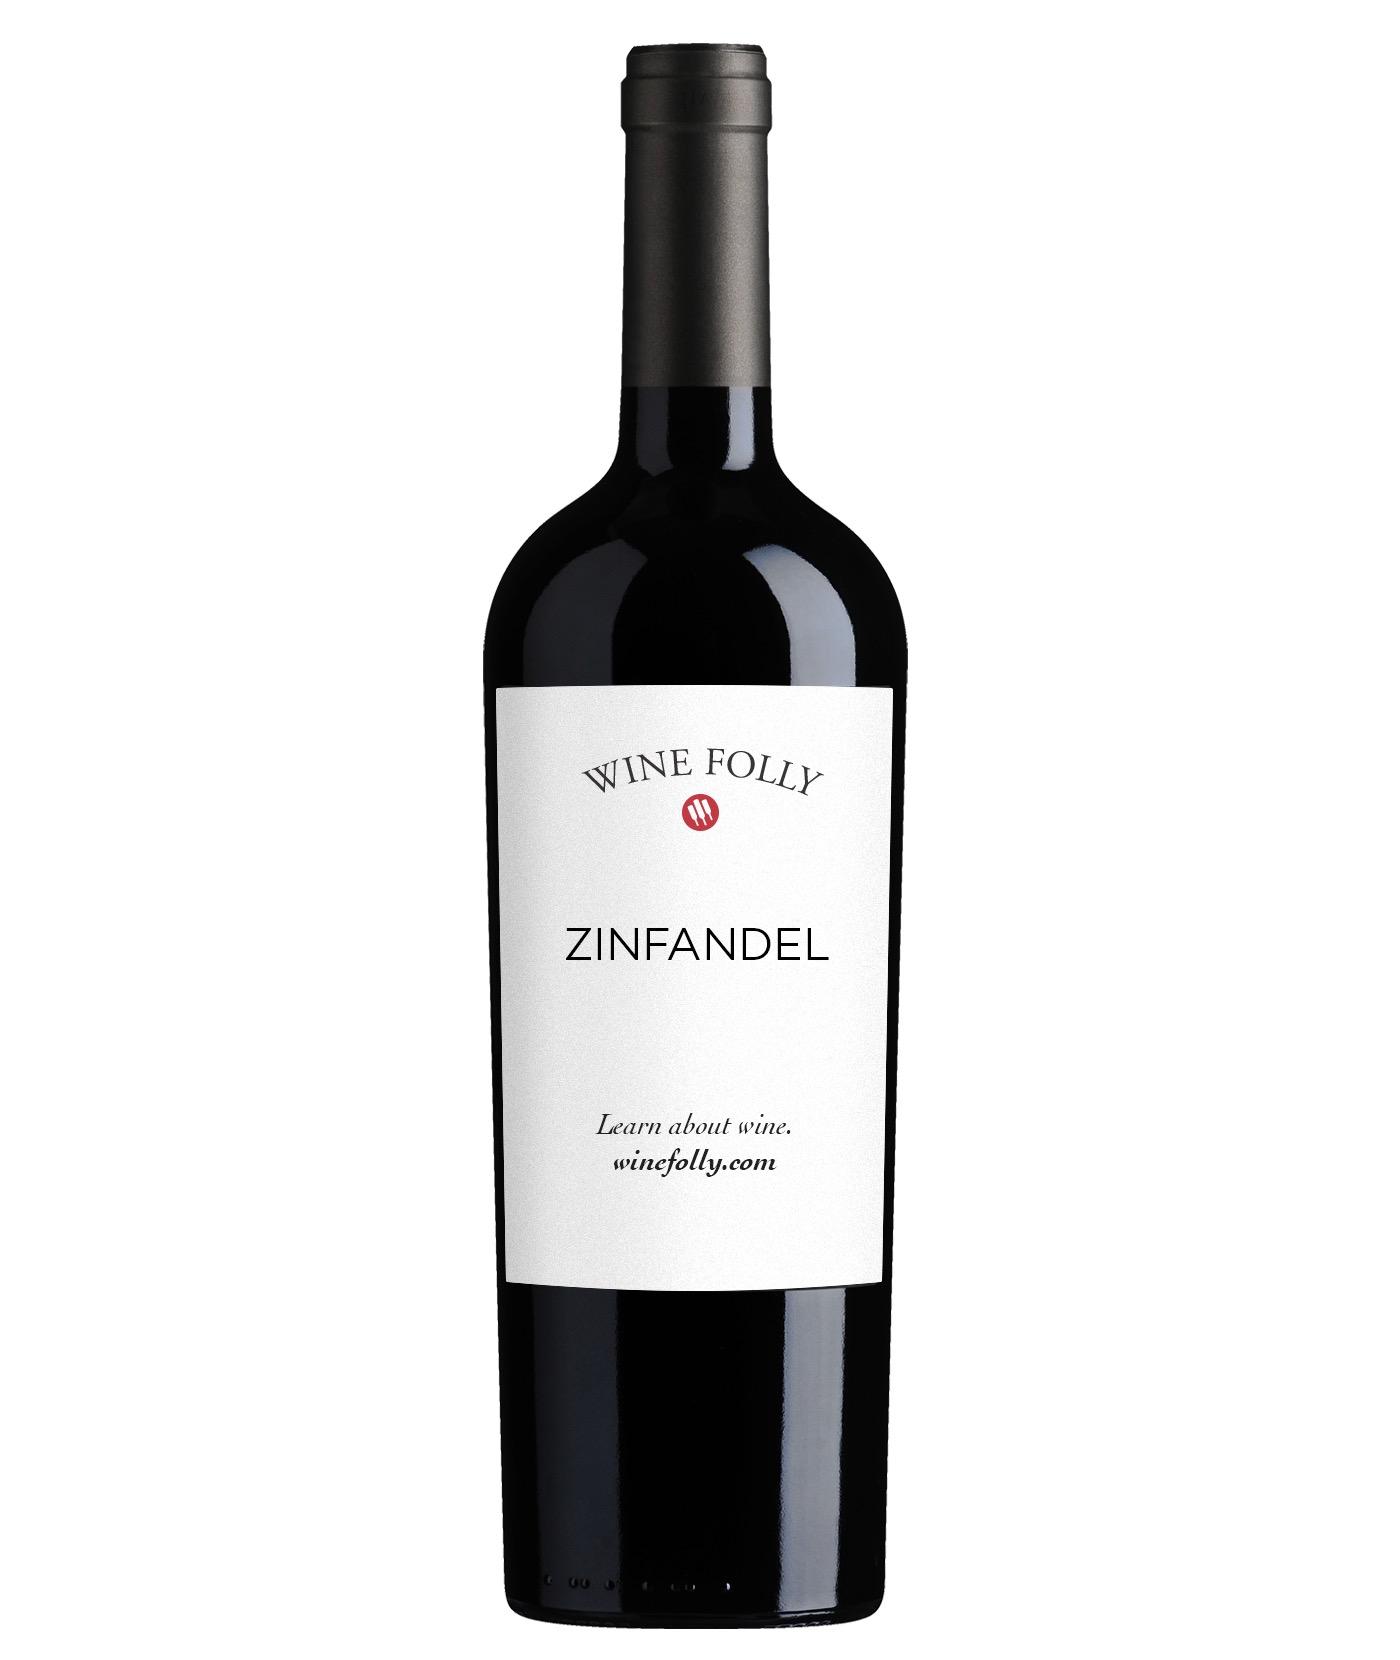 Zinfandel-Wine-Bottle-WineFolly